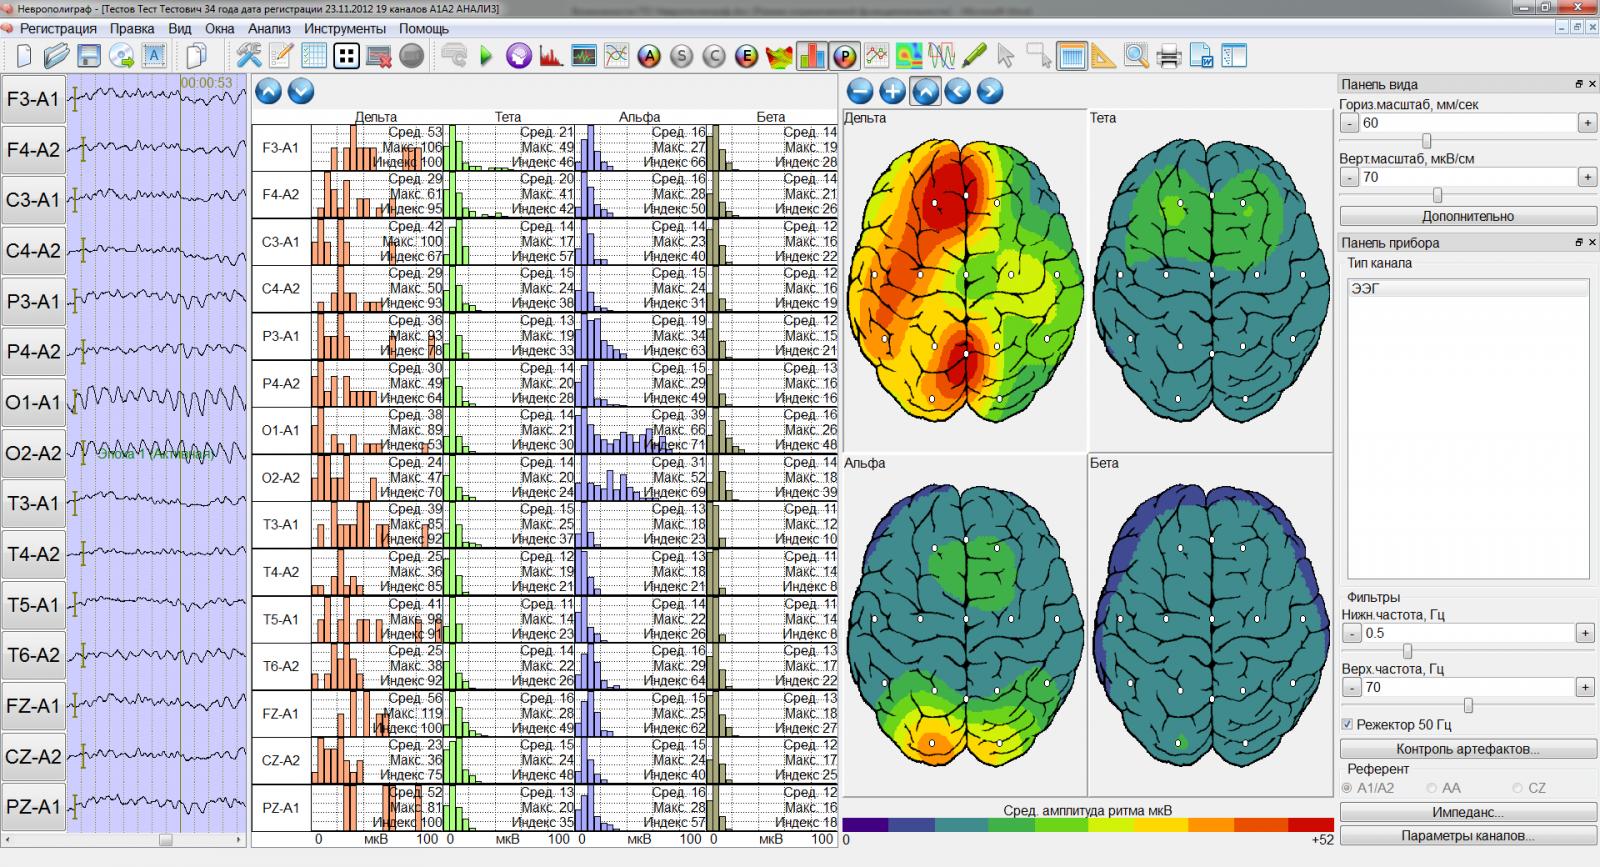 Электроэнцефалография (ээг): суть обследования, что выявляет, проведение, результаты